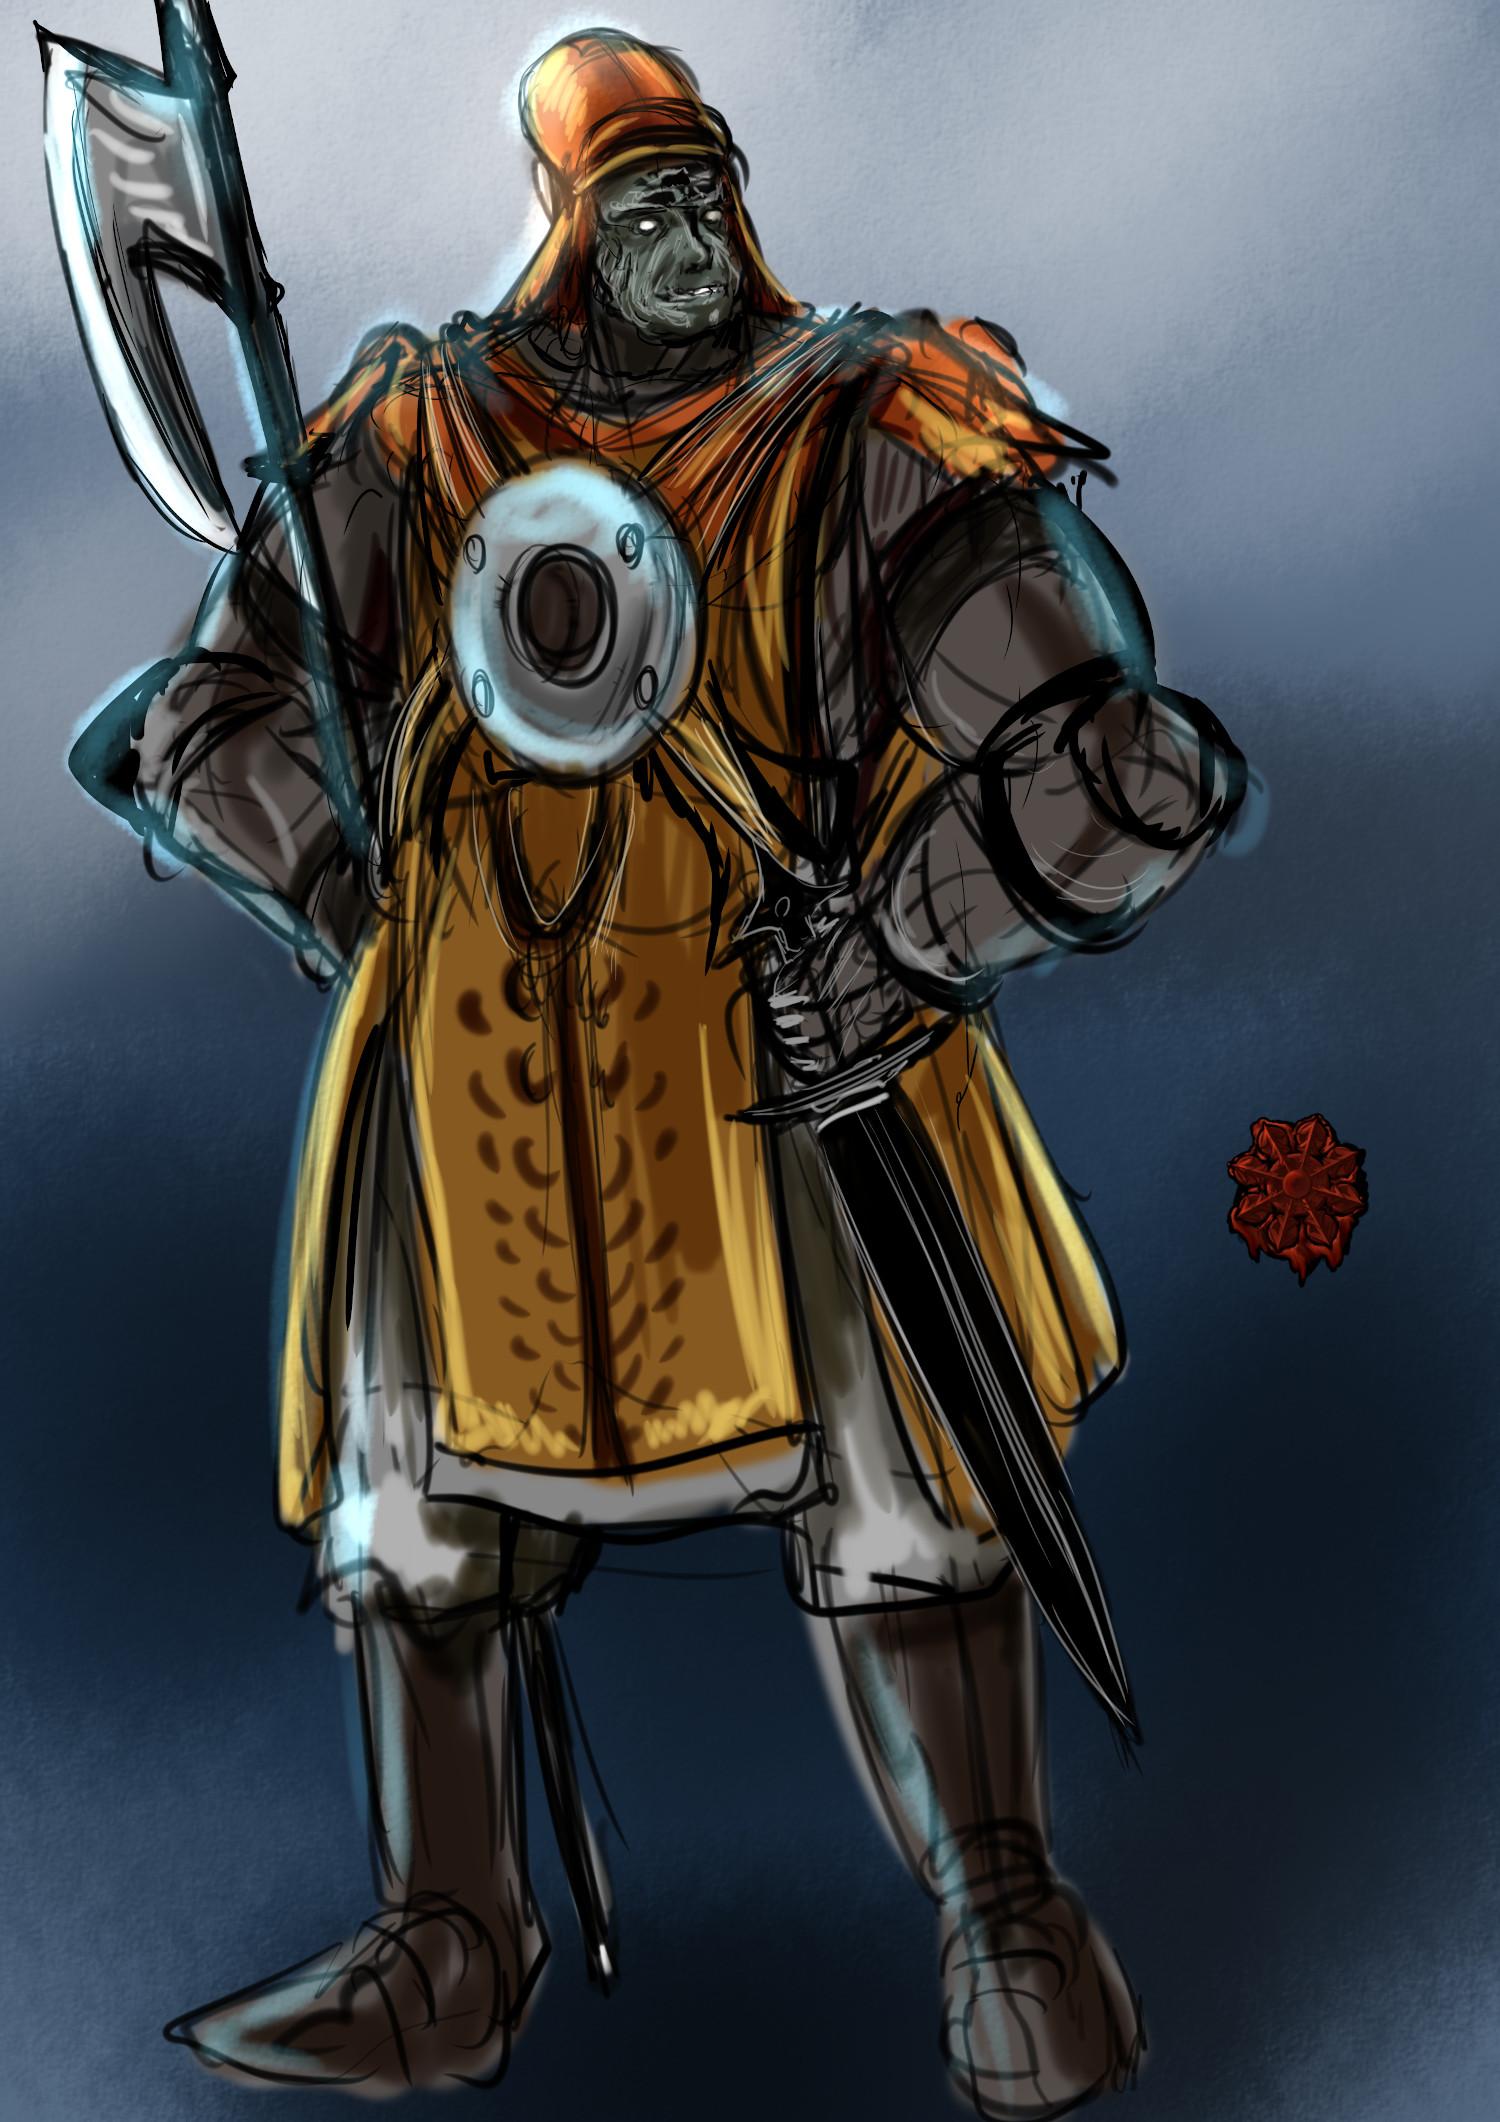 ハーフオーク(ウルク)戦士